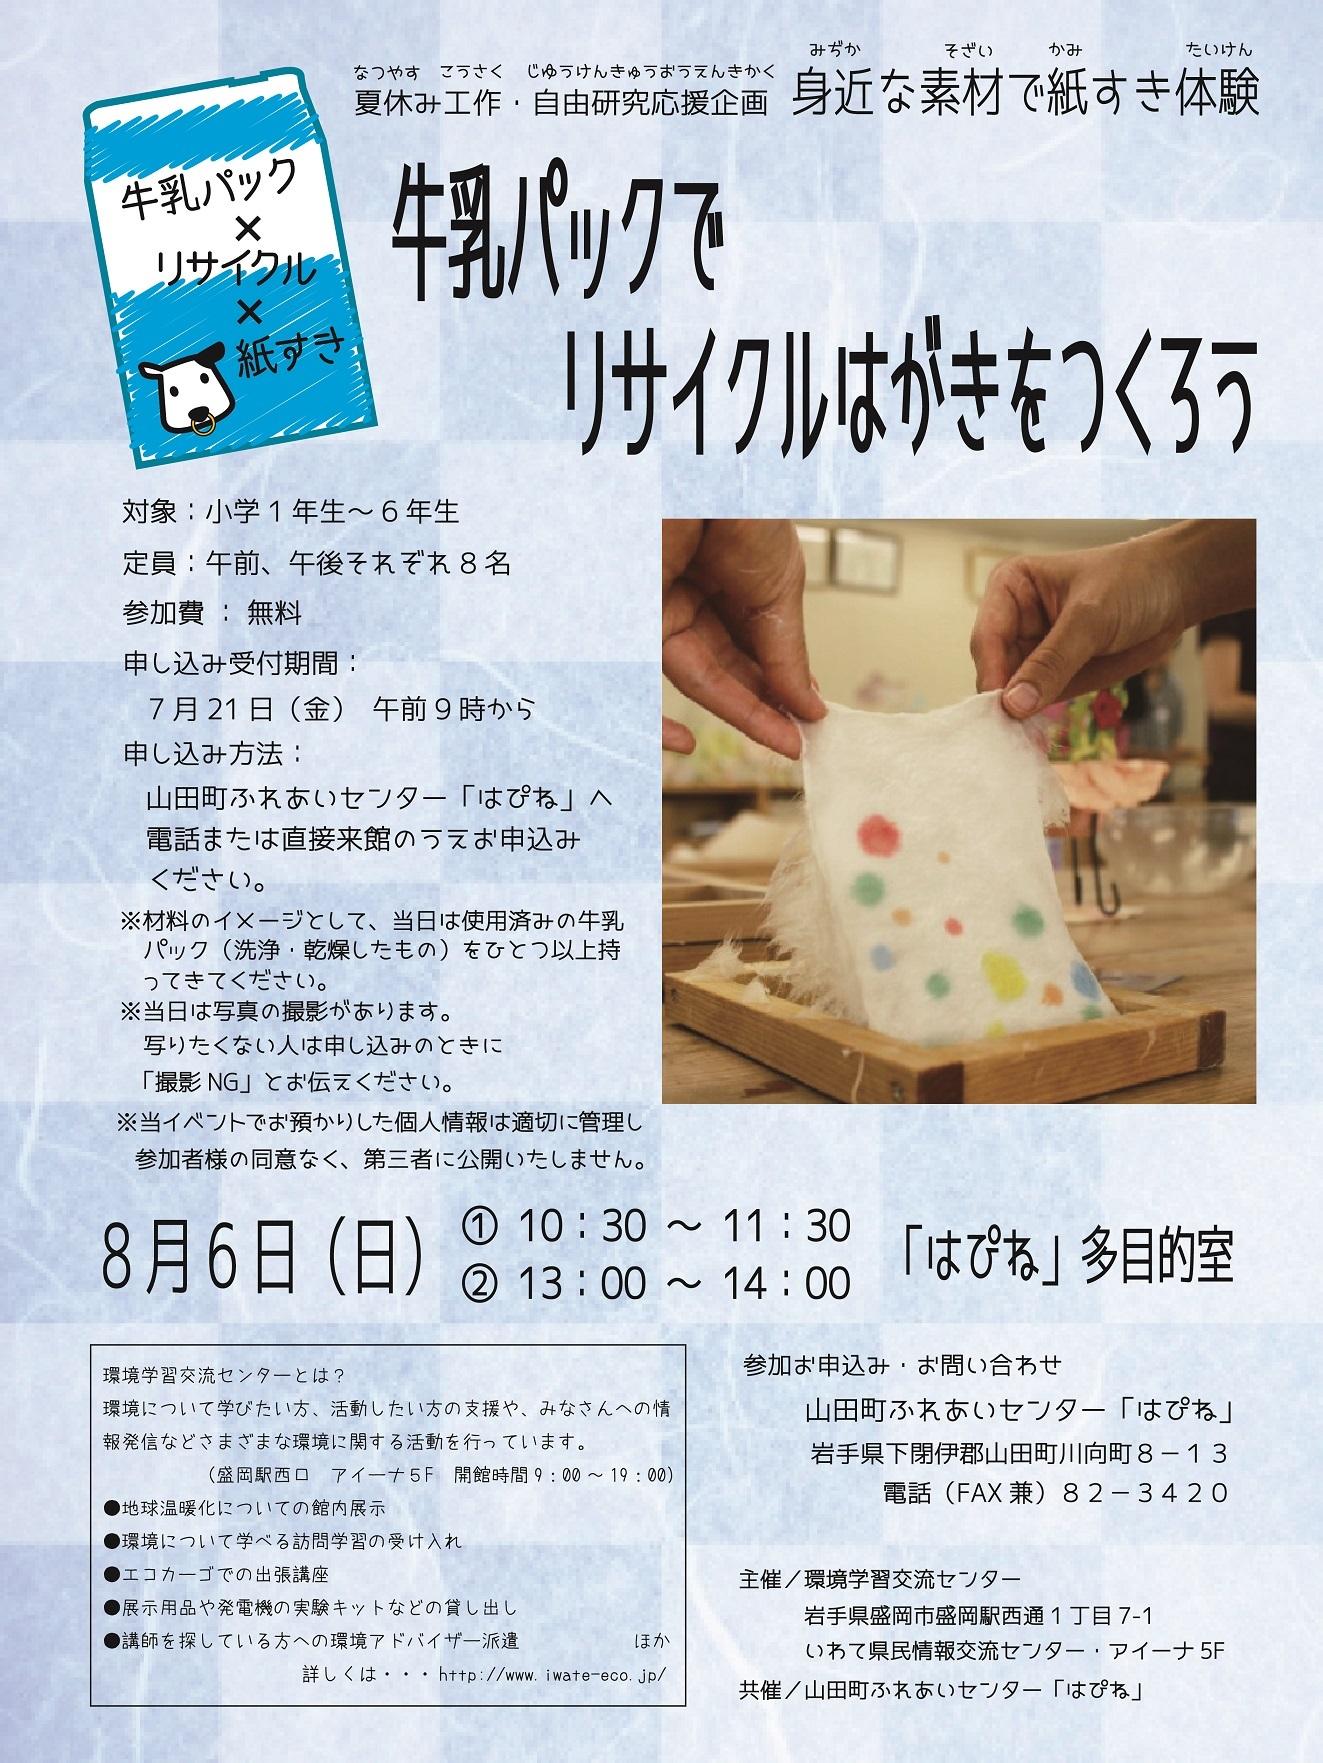 http://blog.iwate-eco.jp/ecocargo_yamada170806.jpg